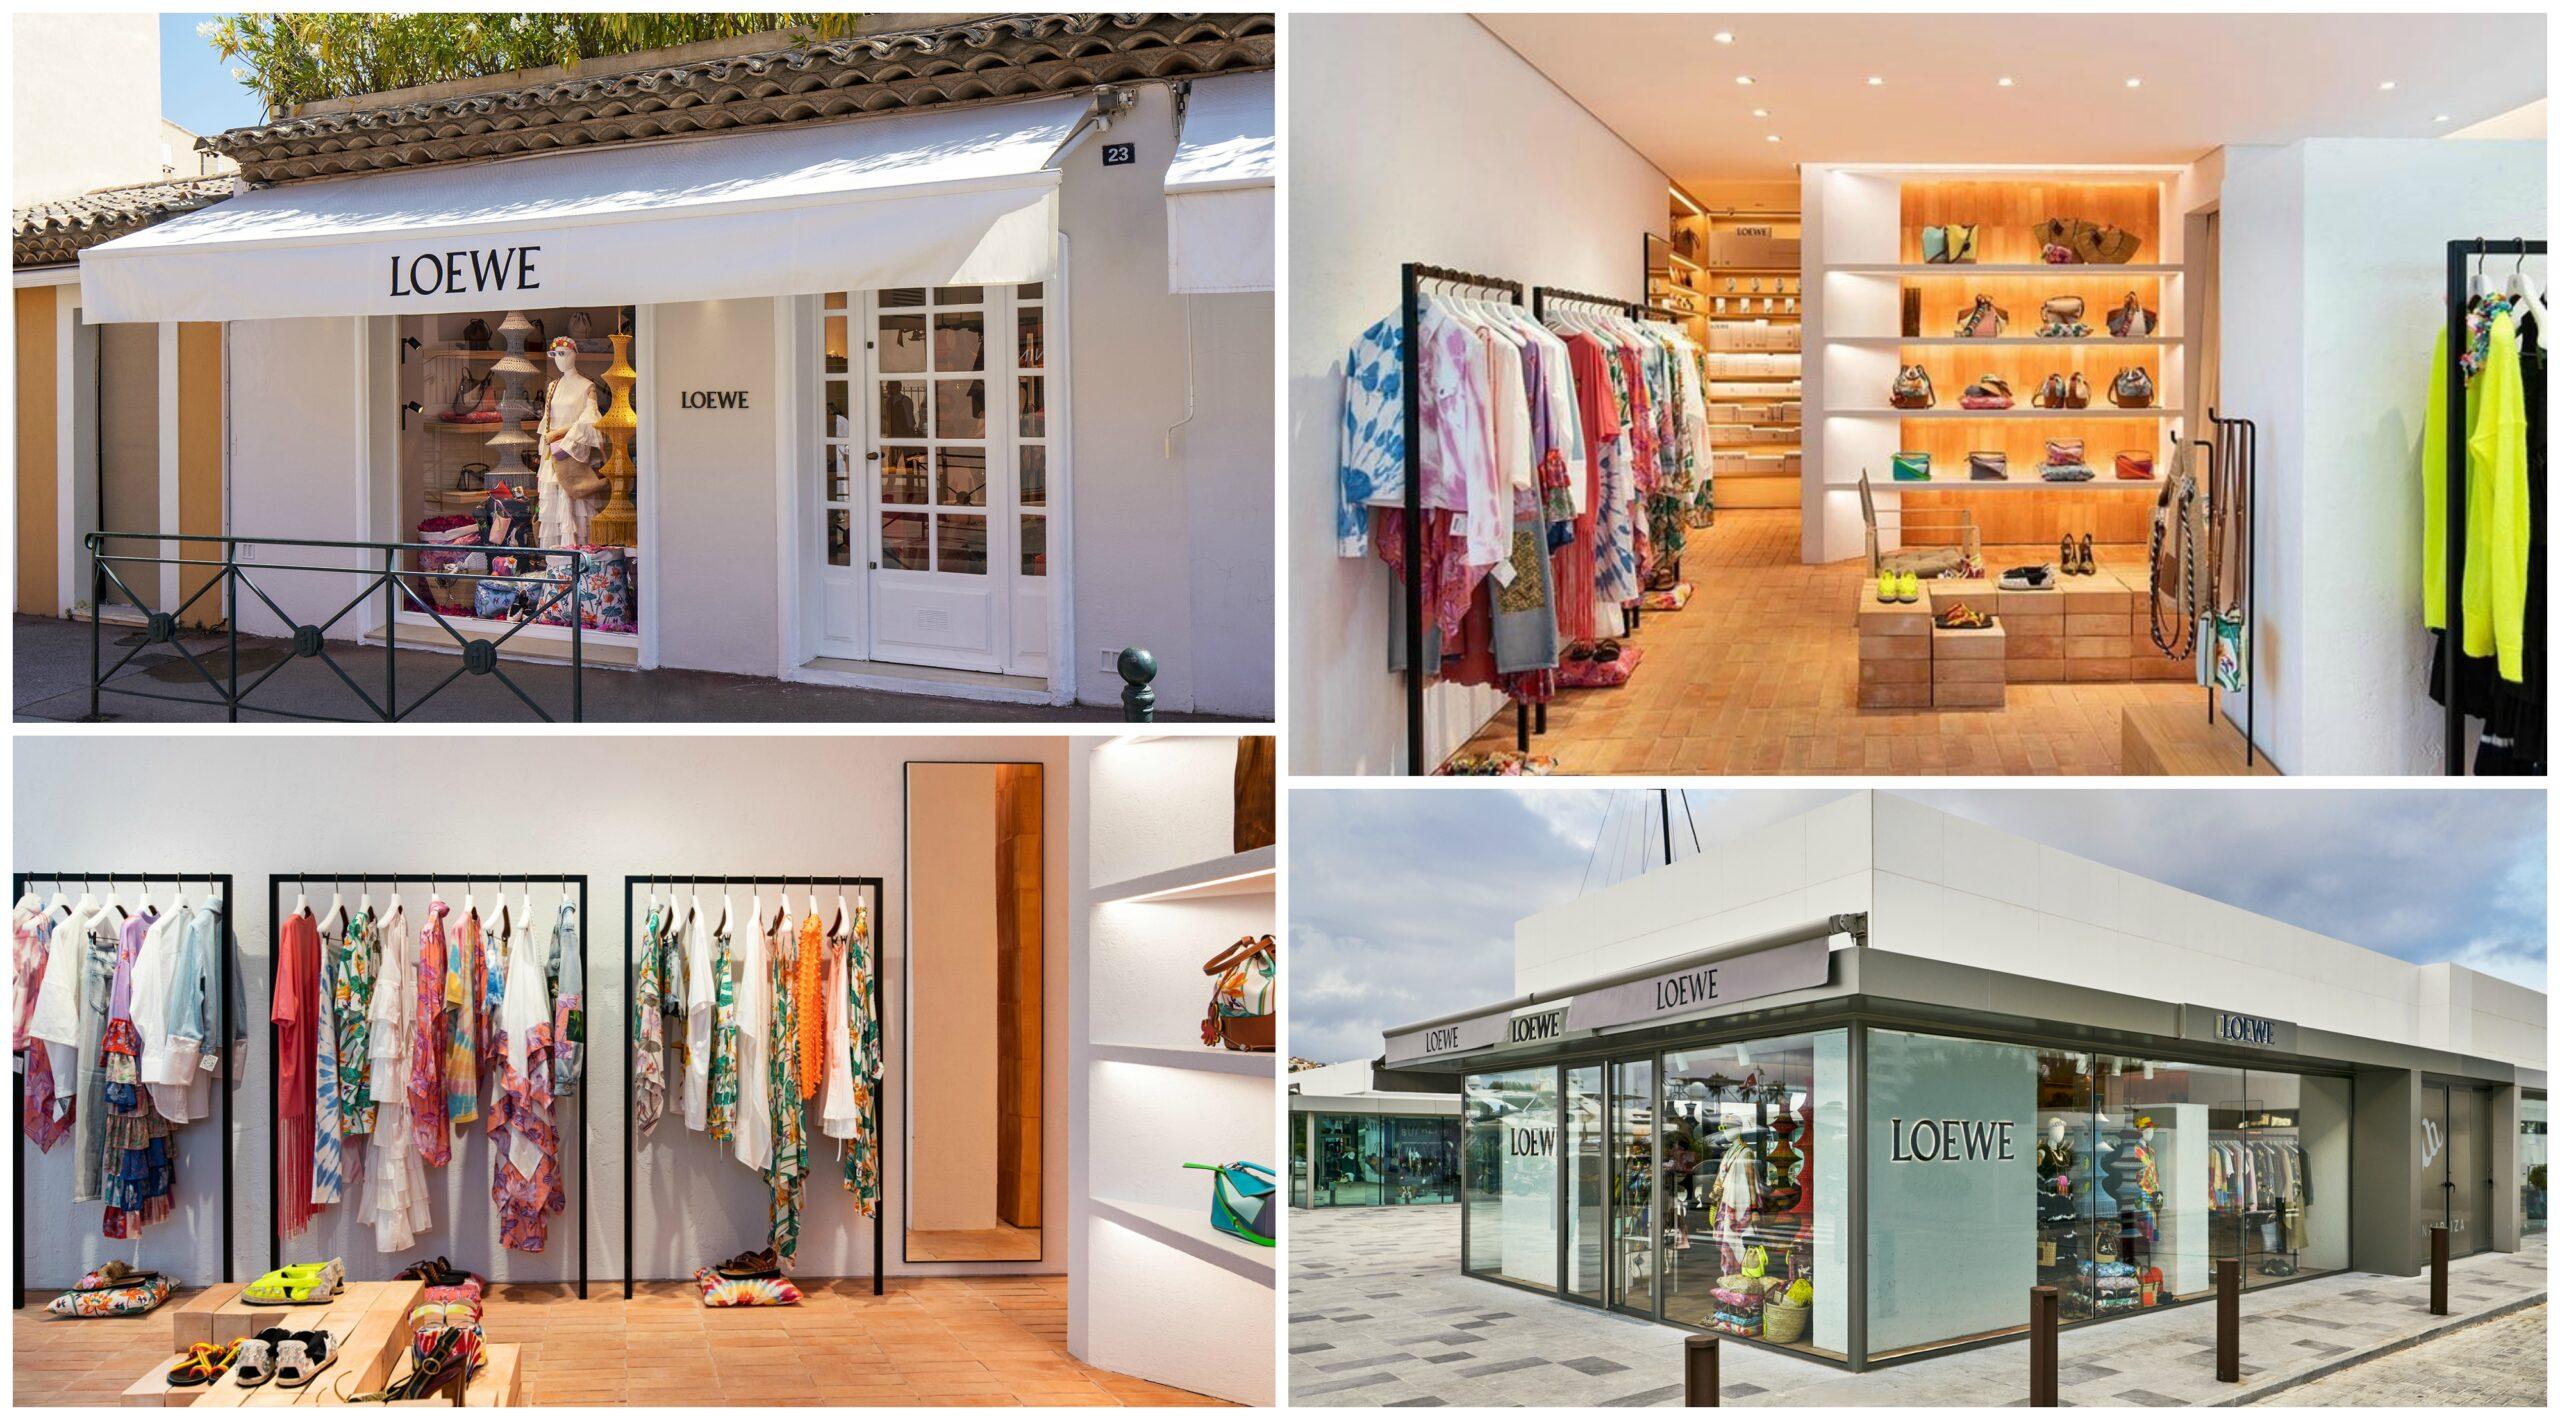 Pop-up de Loewe en Ibiza y Saint Tropez